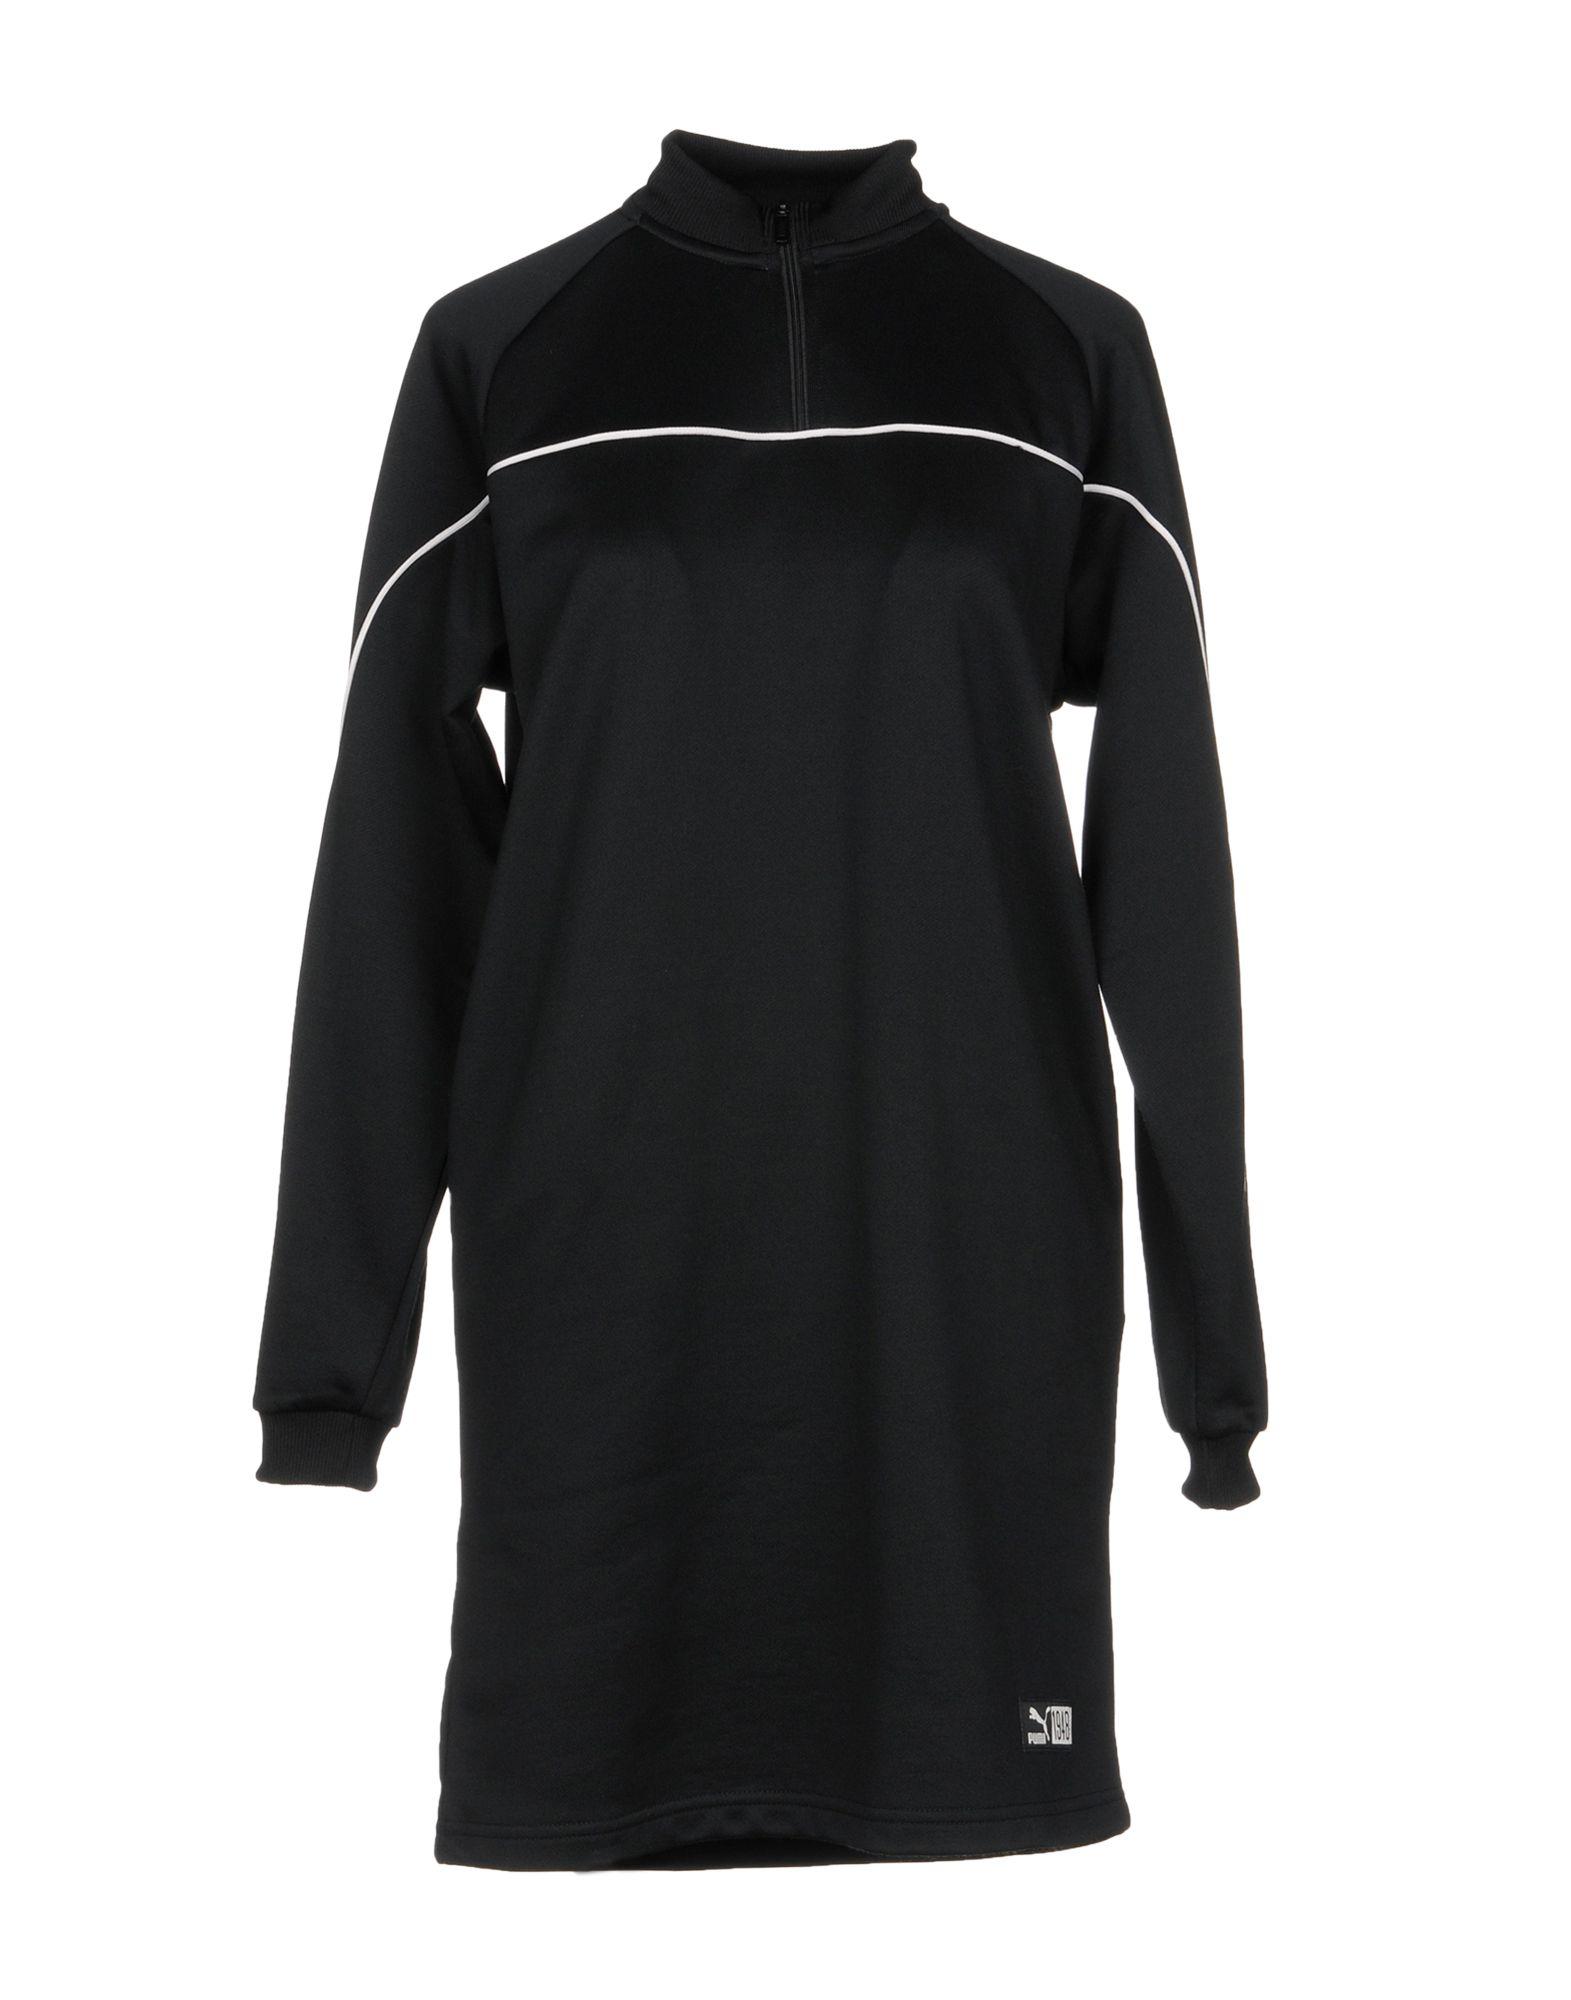 《送料無料》PUMA レディース ミニワンピース&ドレス ブラック XS ポリエステル 58% / コットン 42%